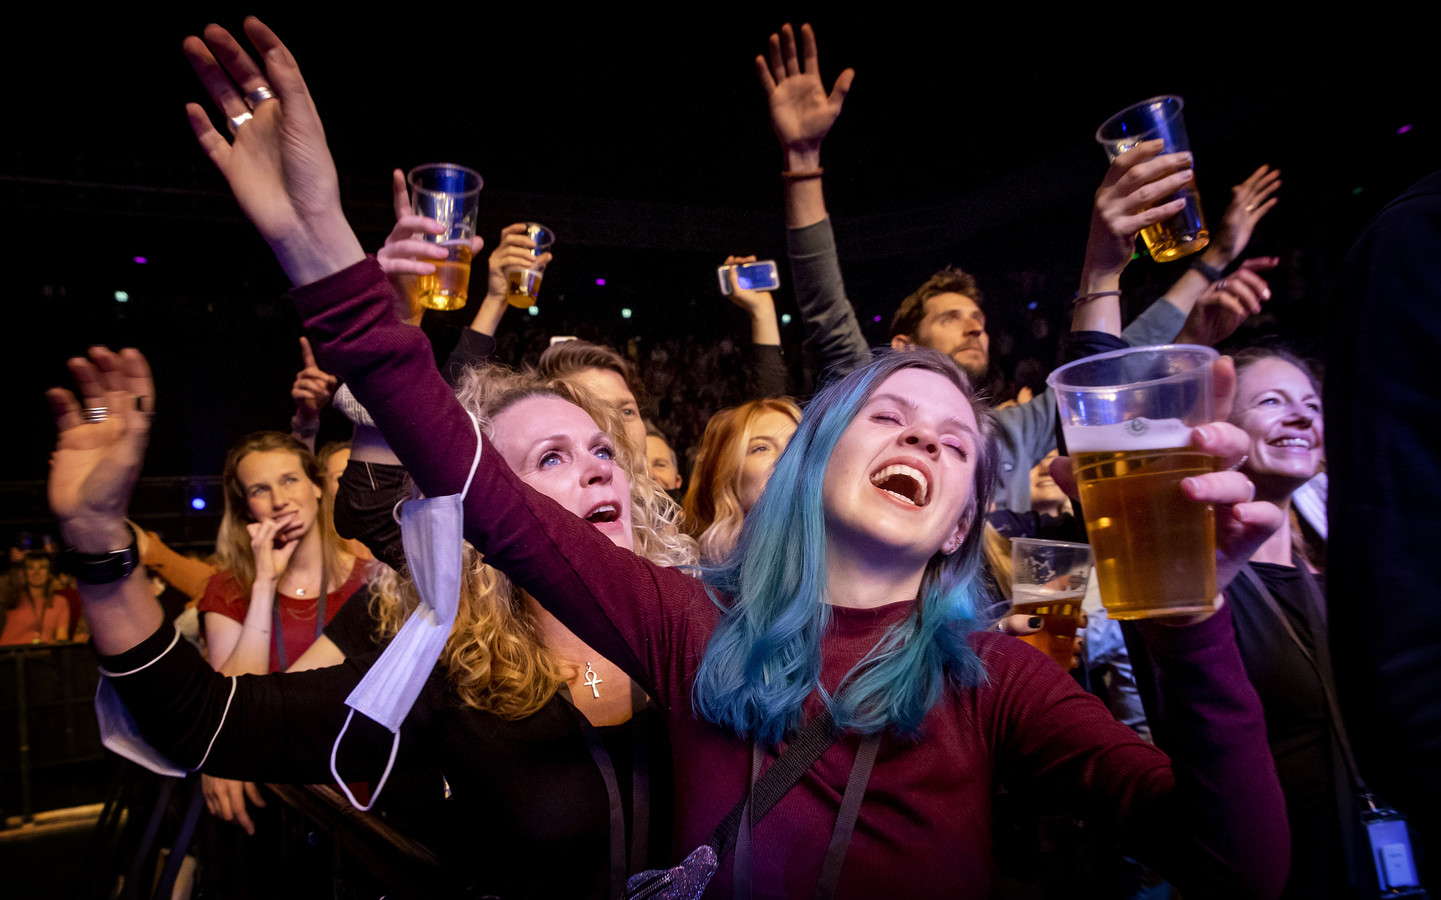 Bezoekers in de Ziggo Dome tijdens een optreden van André Hazes.